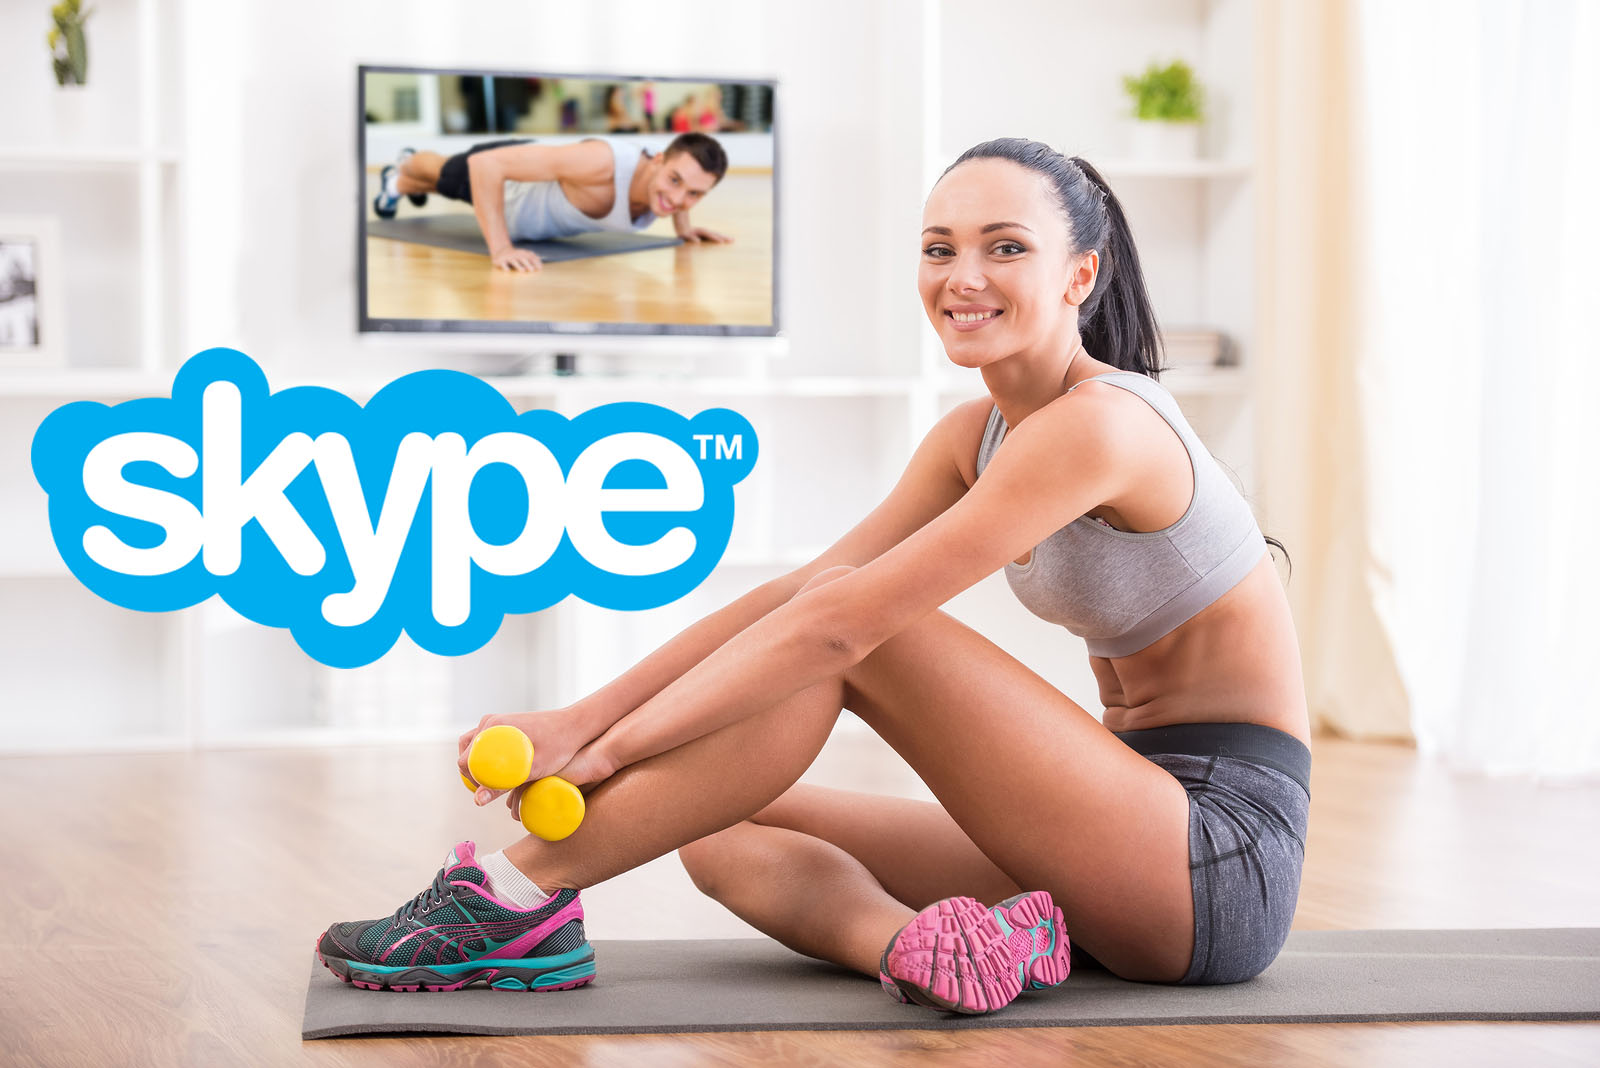 Coach sportif en ligne en visio conférence avec le logiciel Skype